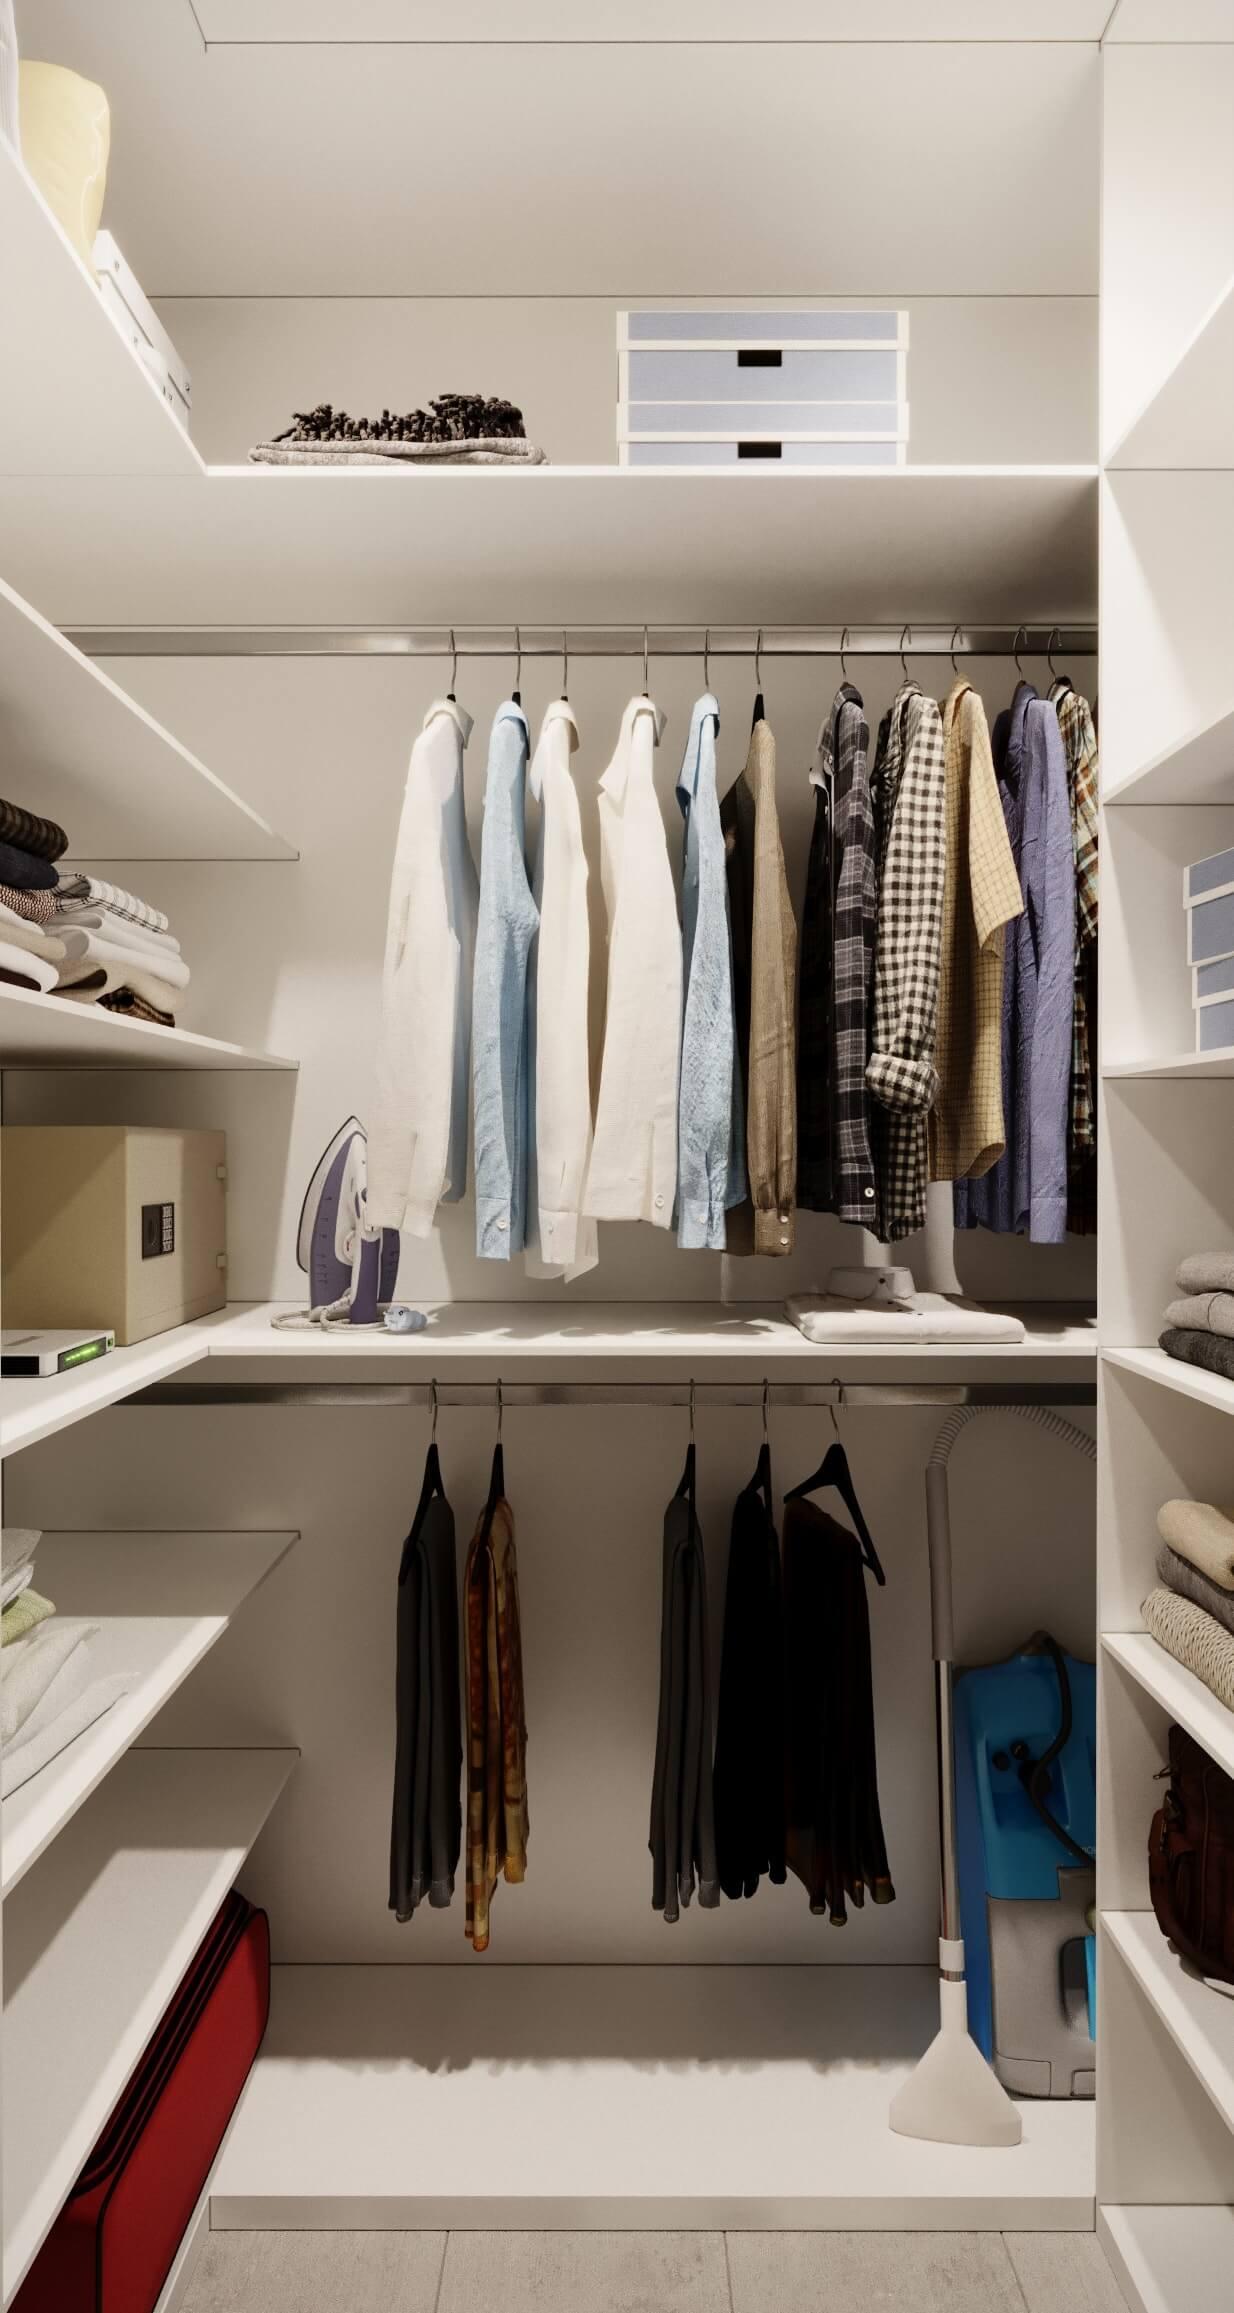 garderob - Дизайн интерьера 1-2 комнатной квартиры 45 кв м